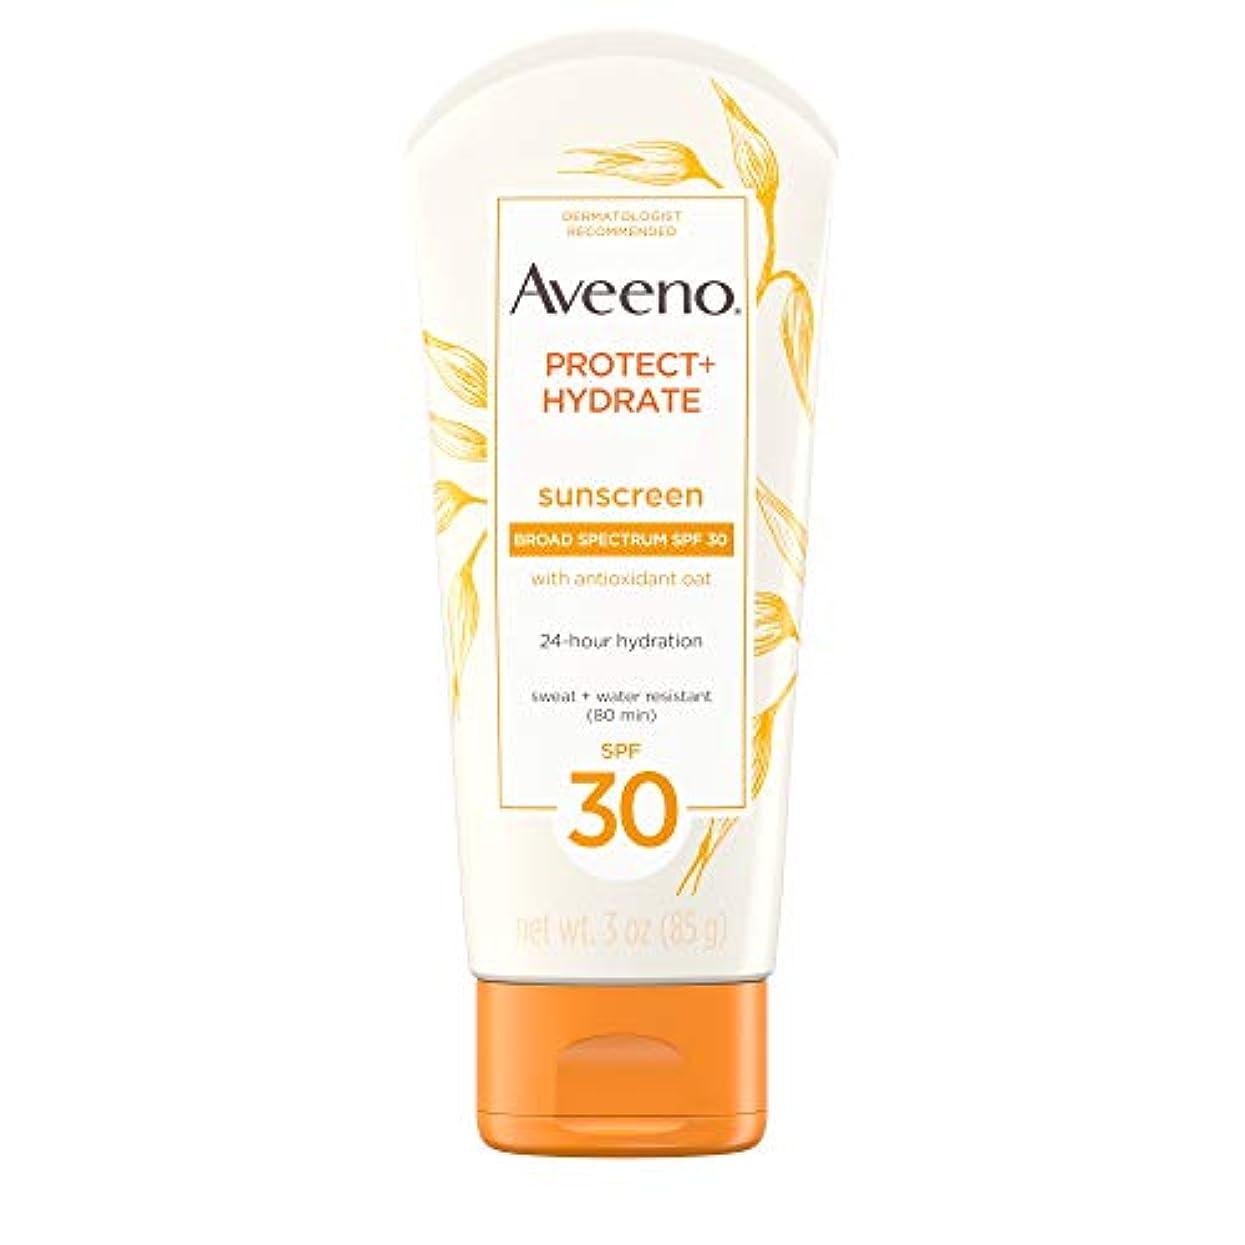 イヤホン子供時代母Aveeno アビーノ 日焼け止め ローションSPF-30 protect+hydrate Sunscreen Lotion(平行輸入品) 85g (3Oz)